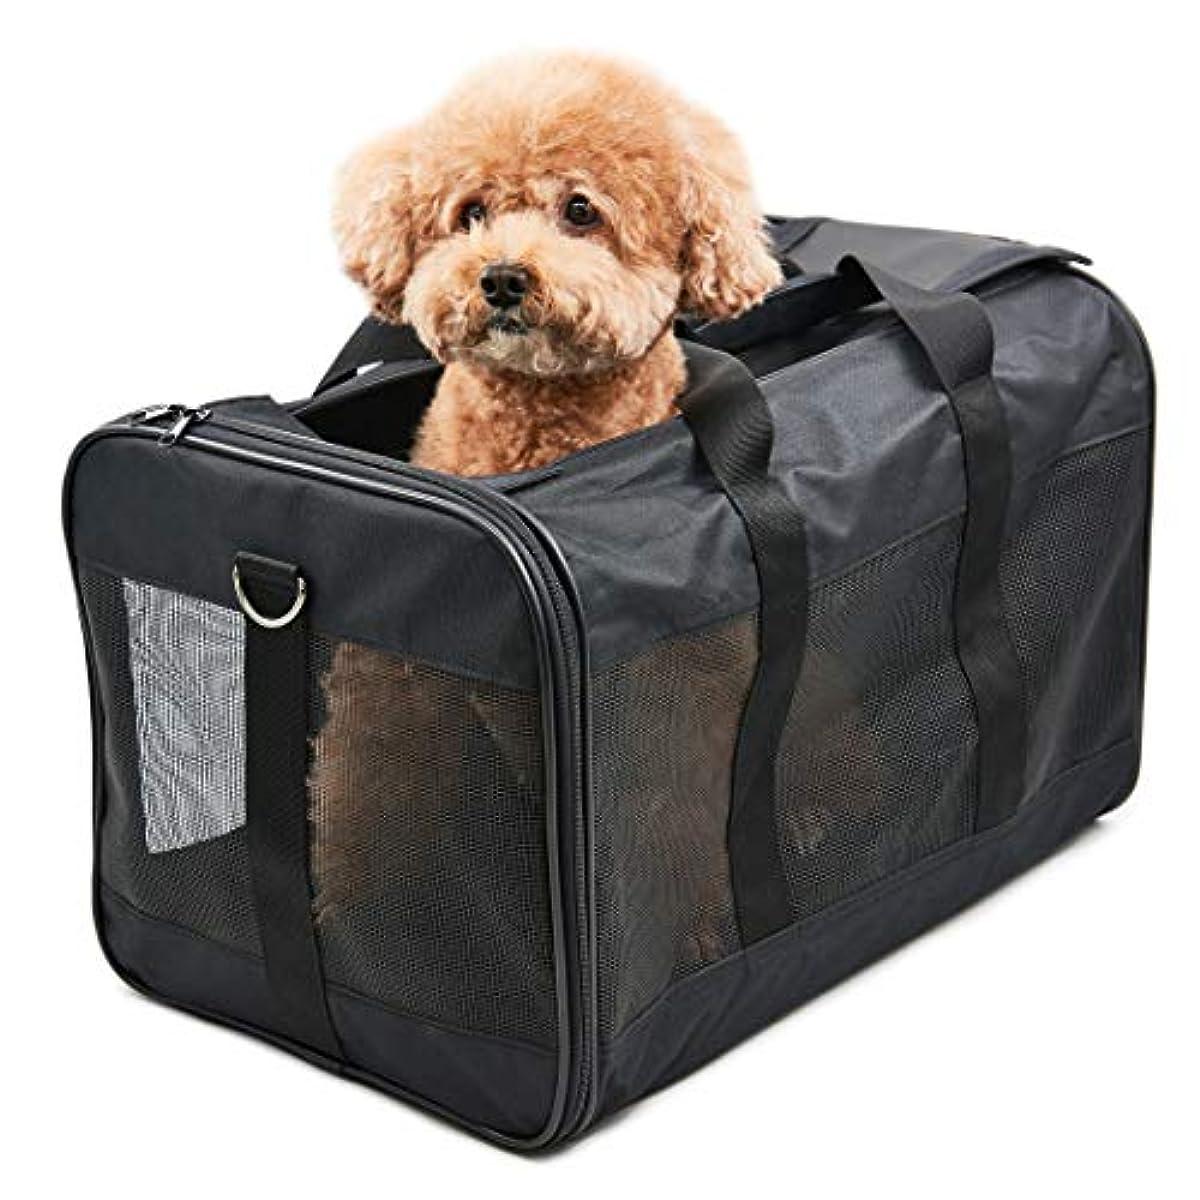 [해외] HITSLAM  애완동물 캐리 고양이・소형견용 숄더 핸드 가방